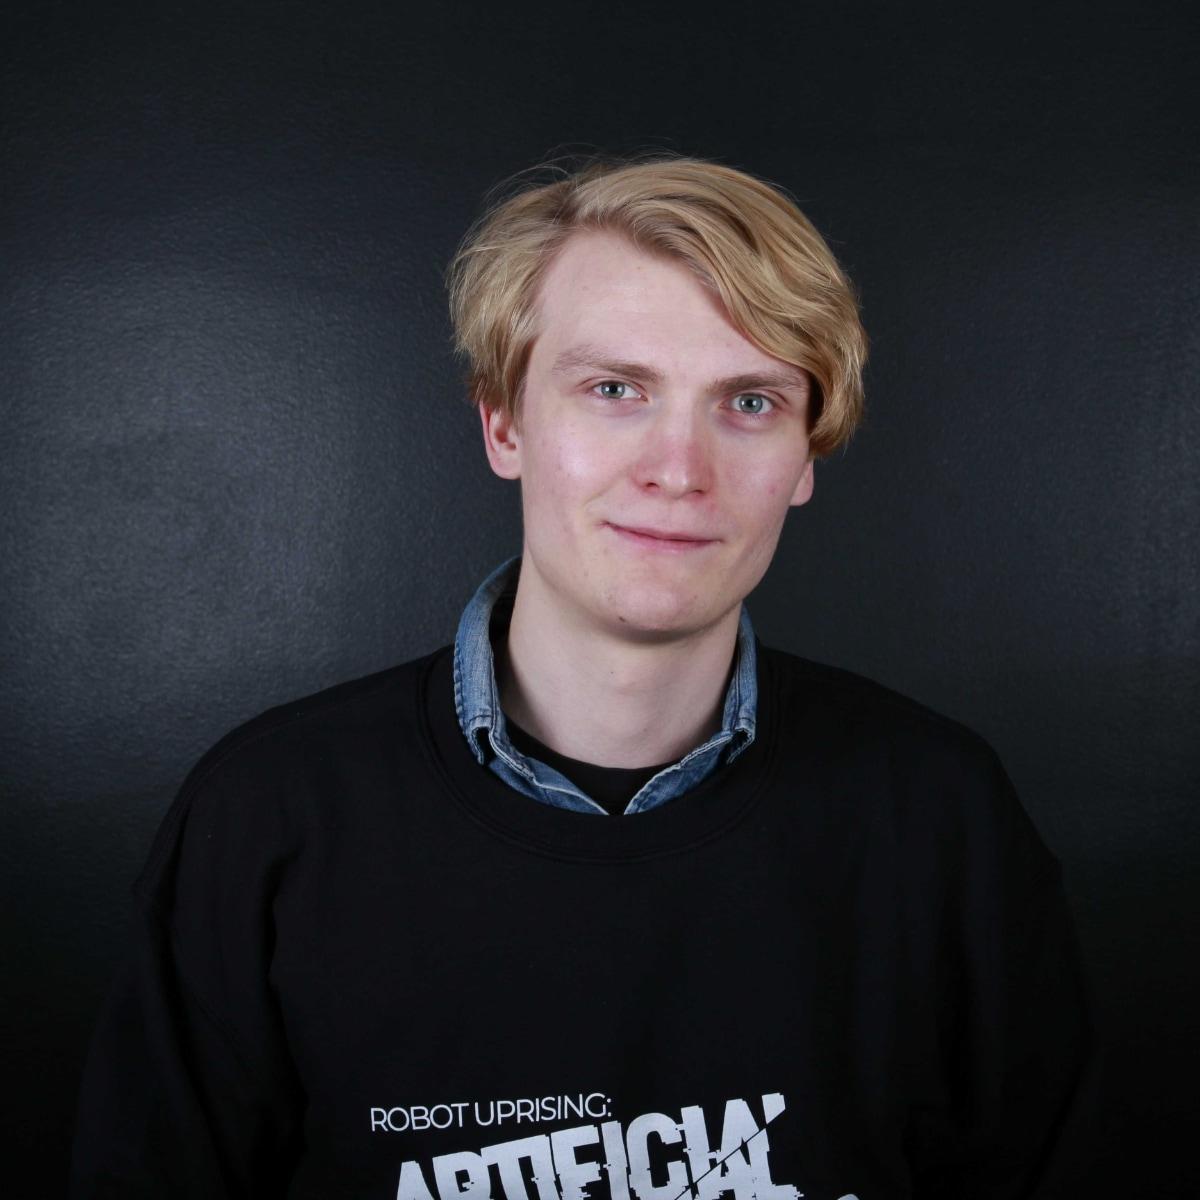 Ari Kaukiainen